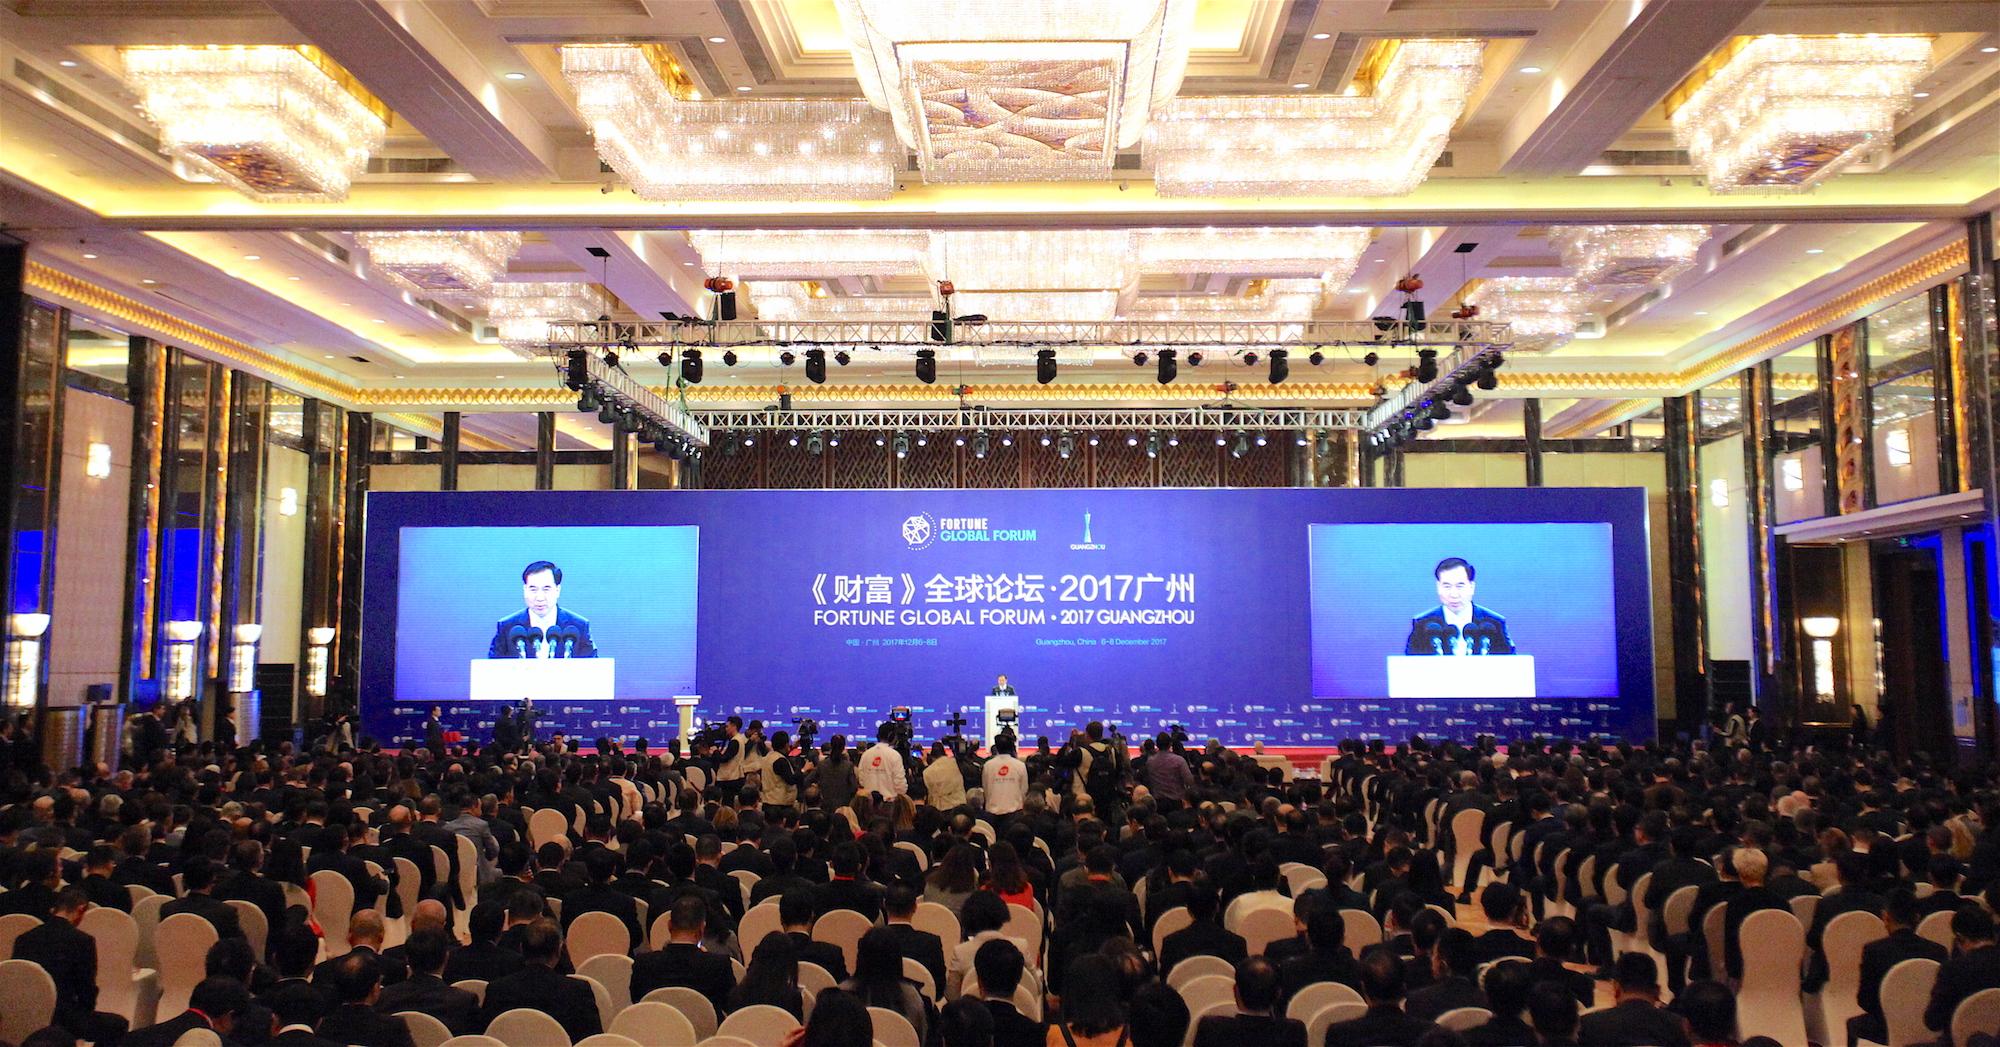 2017广州《财富》全球论坛开幕